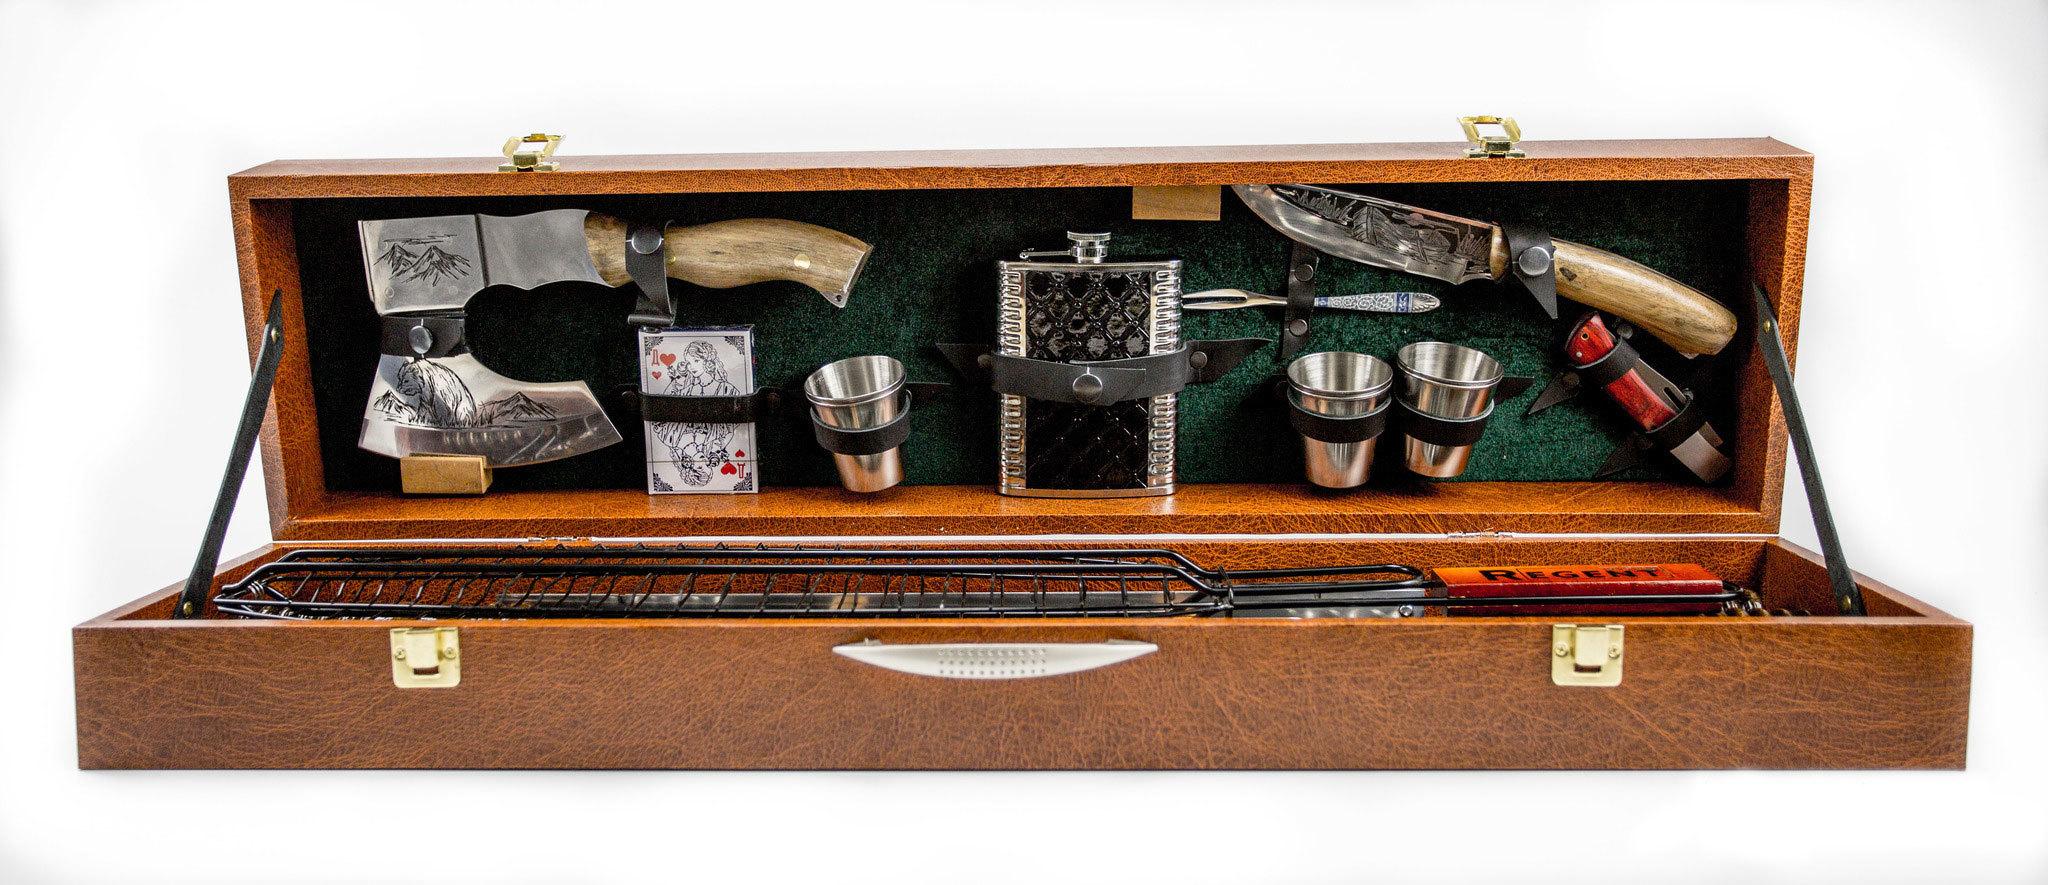 Шашлычный набор Царский №3, Кизляр СТО шашлычный набор царский 3 кизляр